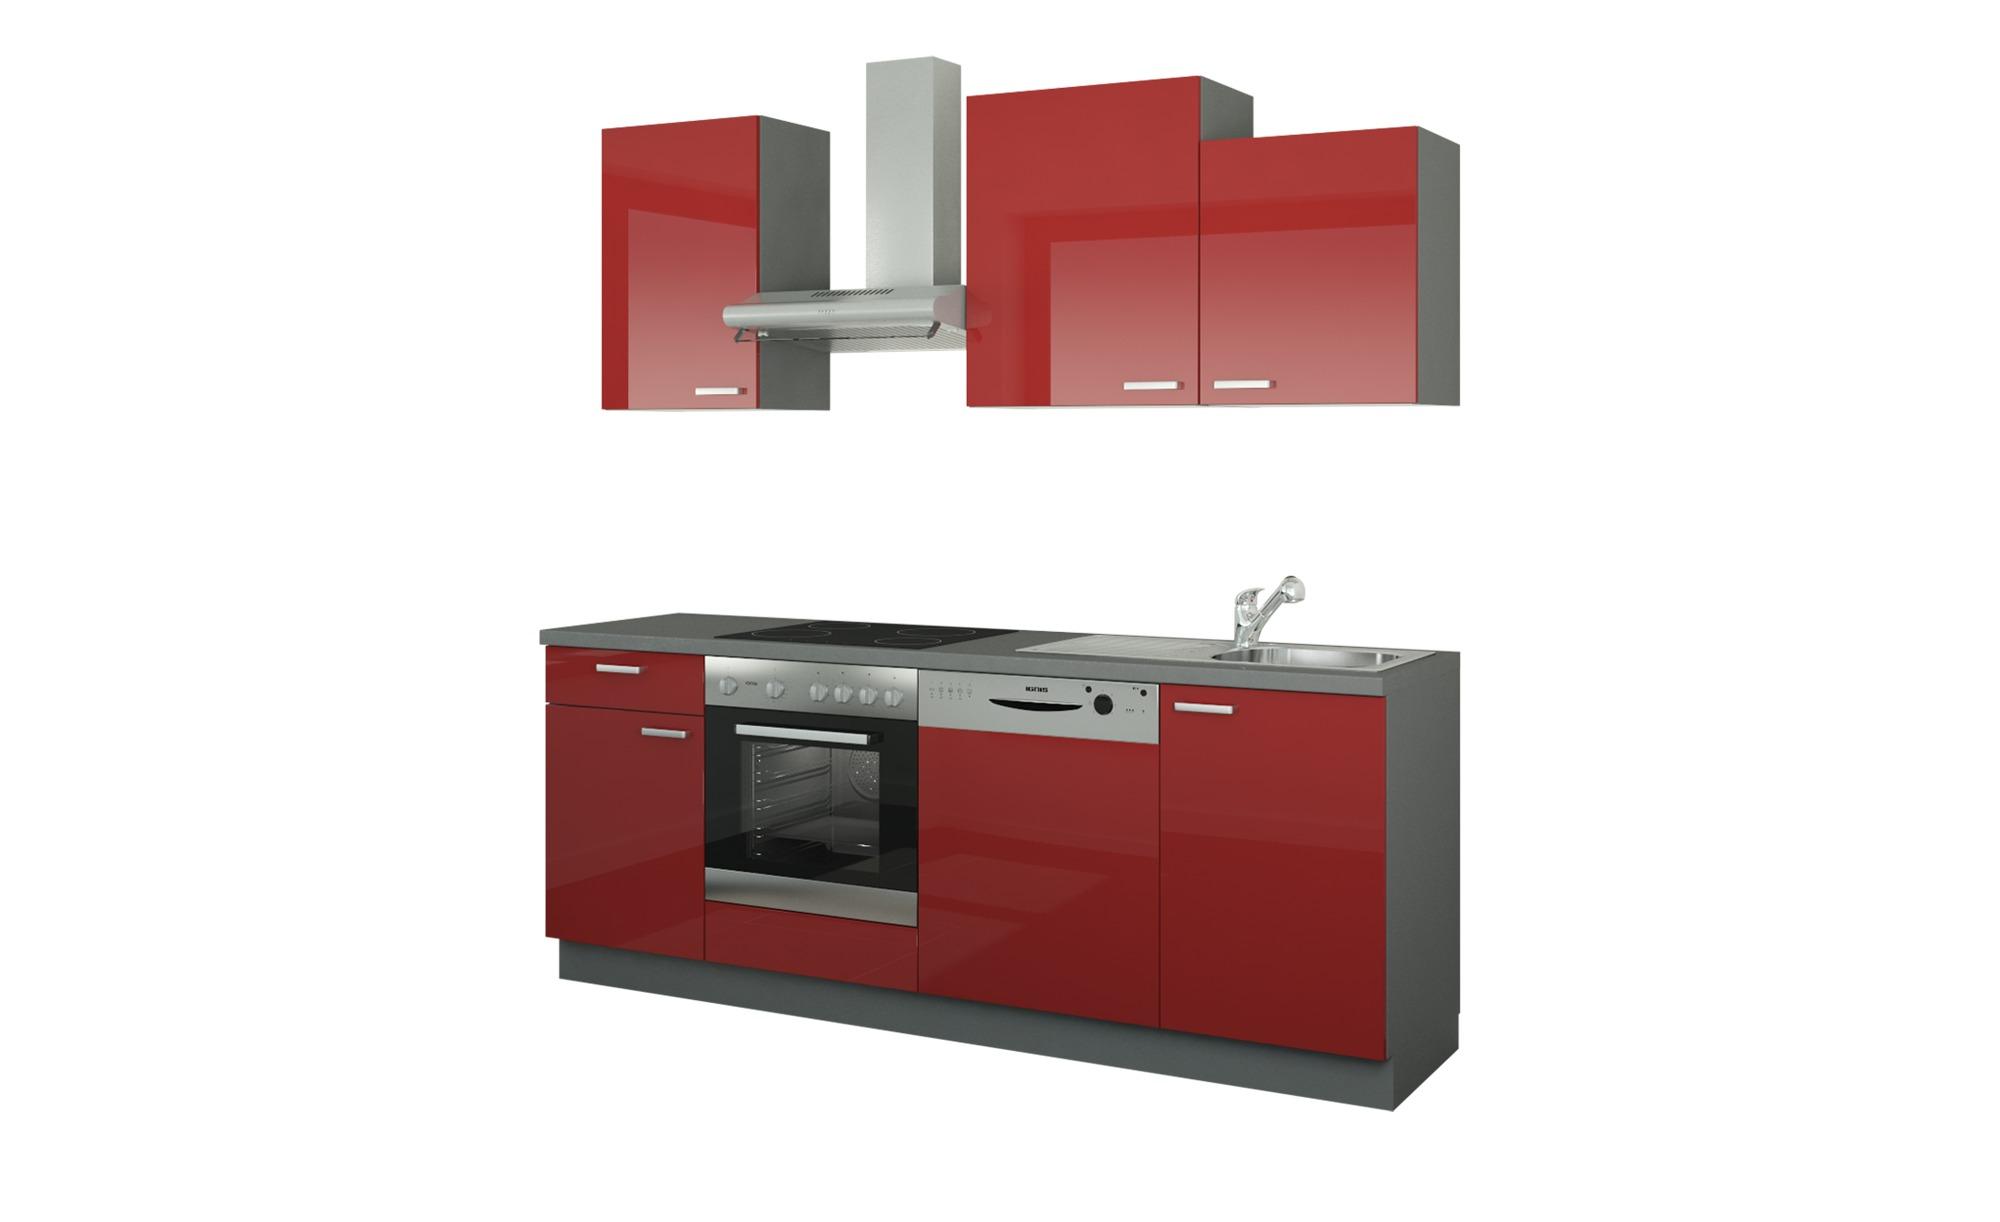 Küchenzeile mit Elektrogeräten  Erfurt ¦ rot ¦ Maße (cm): B: 220 Küchen > Küchenblöcke - Höffner | Küche und Esszimmer > Küchen | Rot | Holzwerkstoff | Möbel Höffner DE